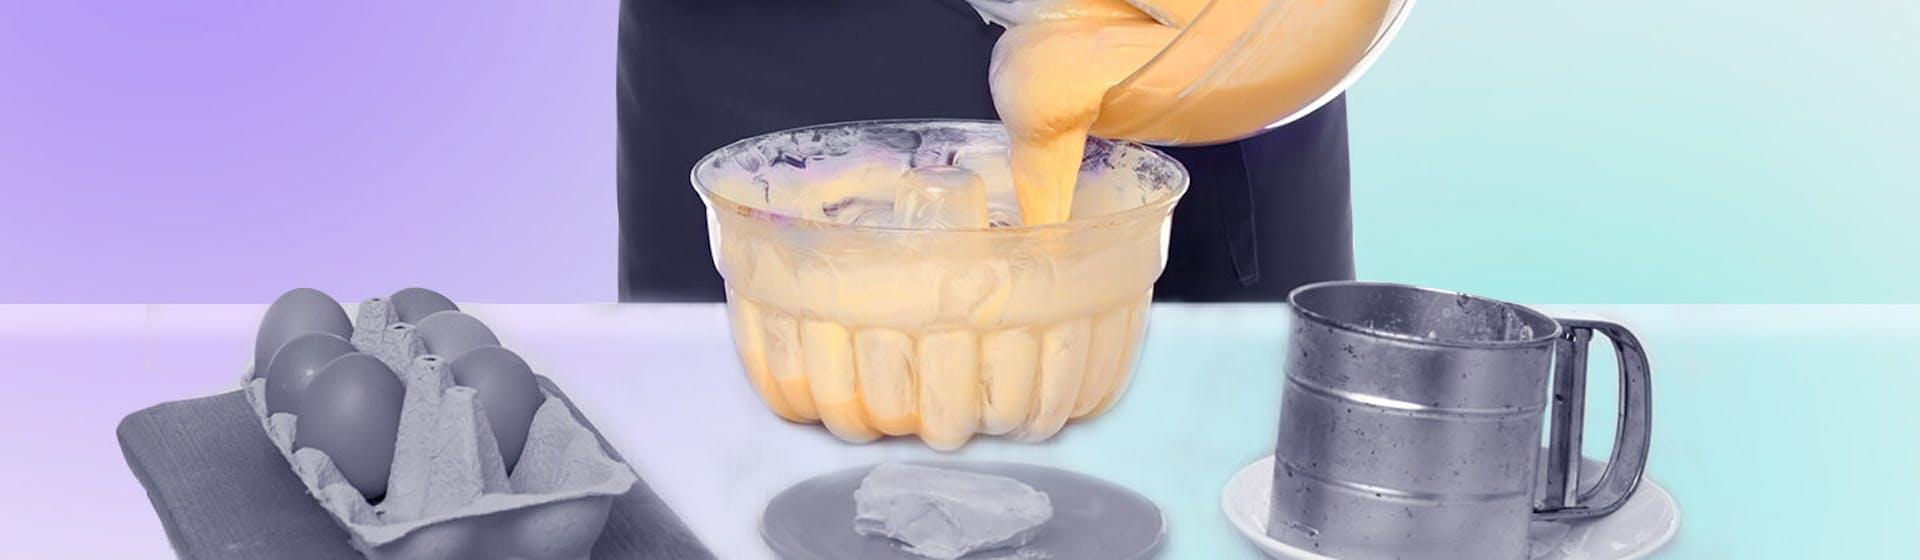 Aprende cómo hacer crema pastelera como un profesional